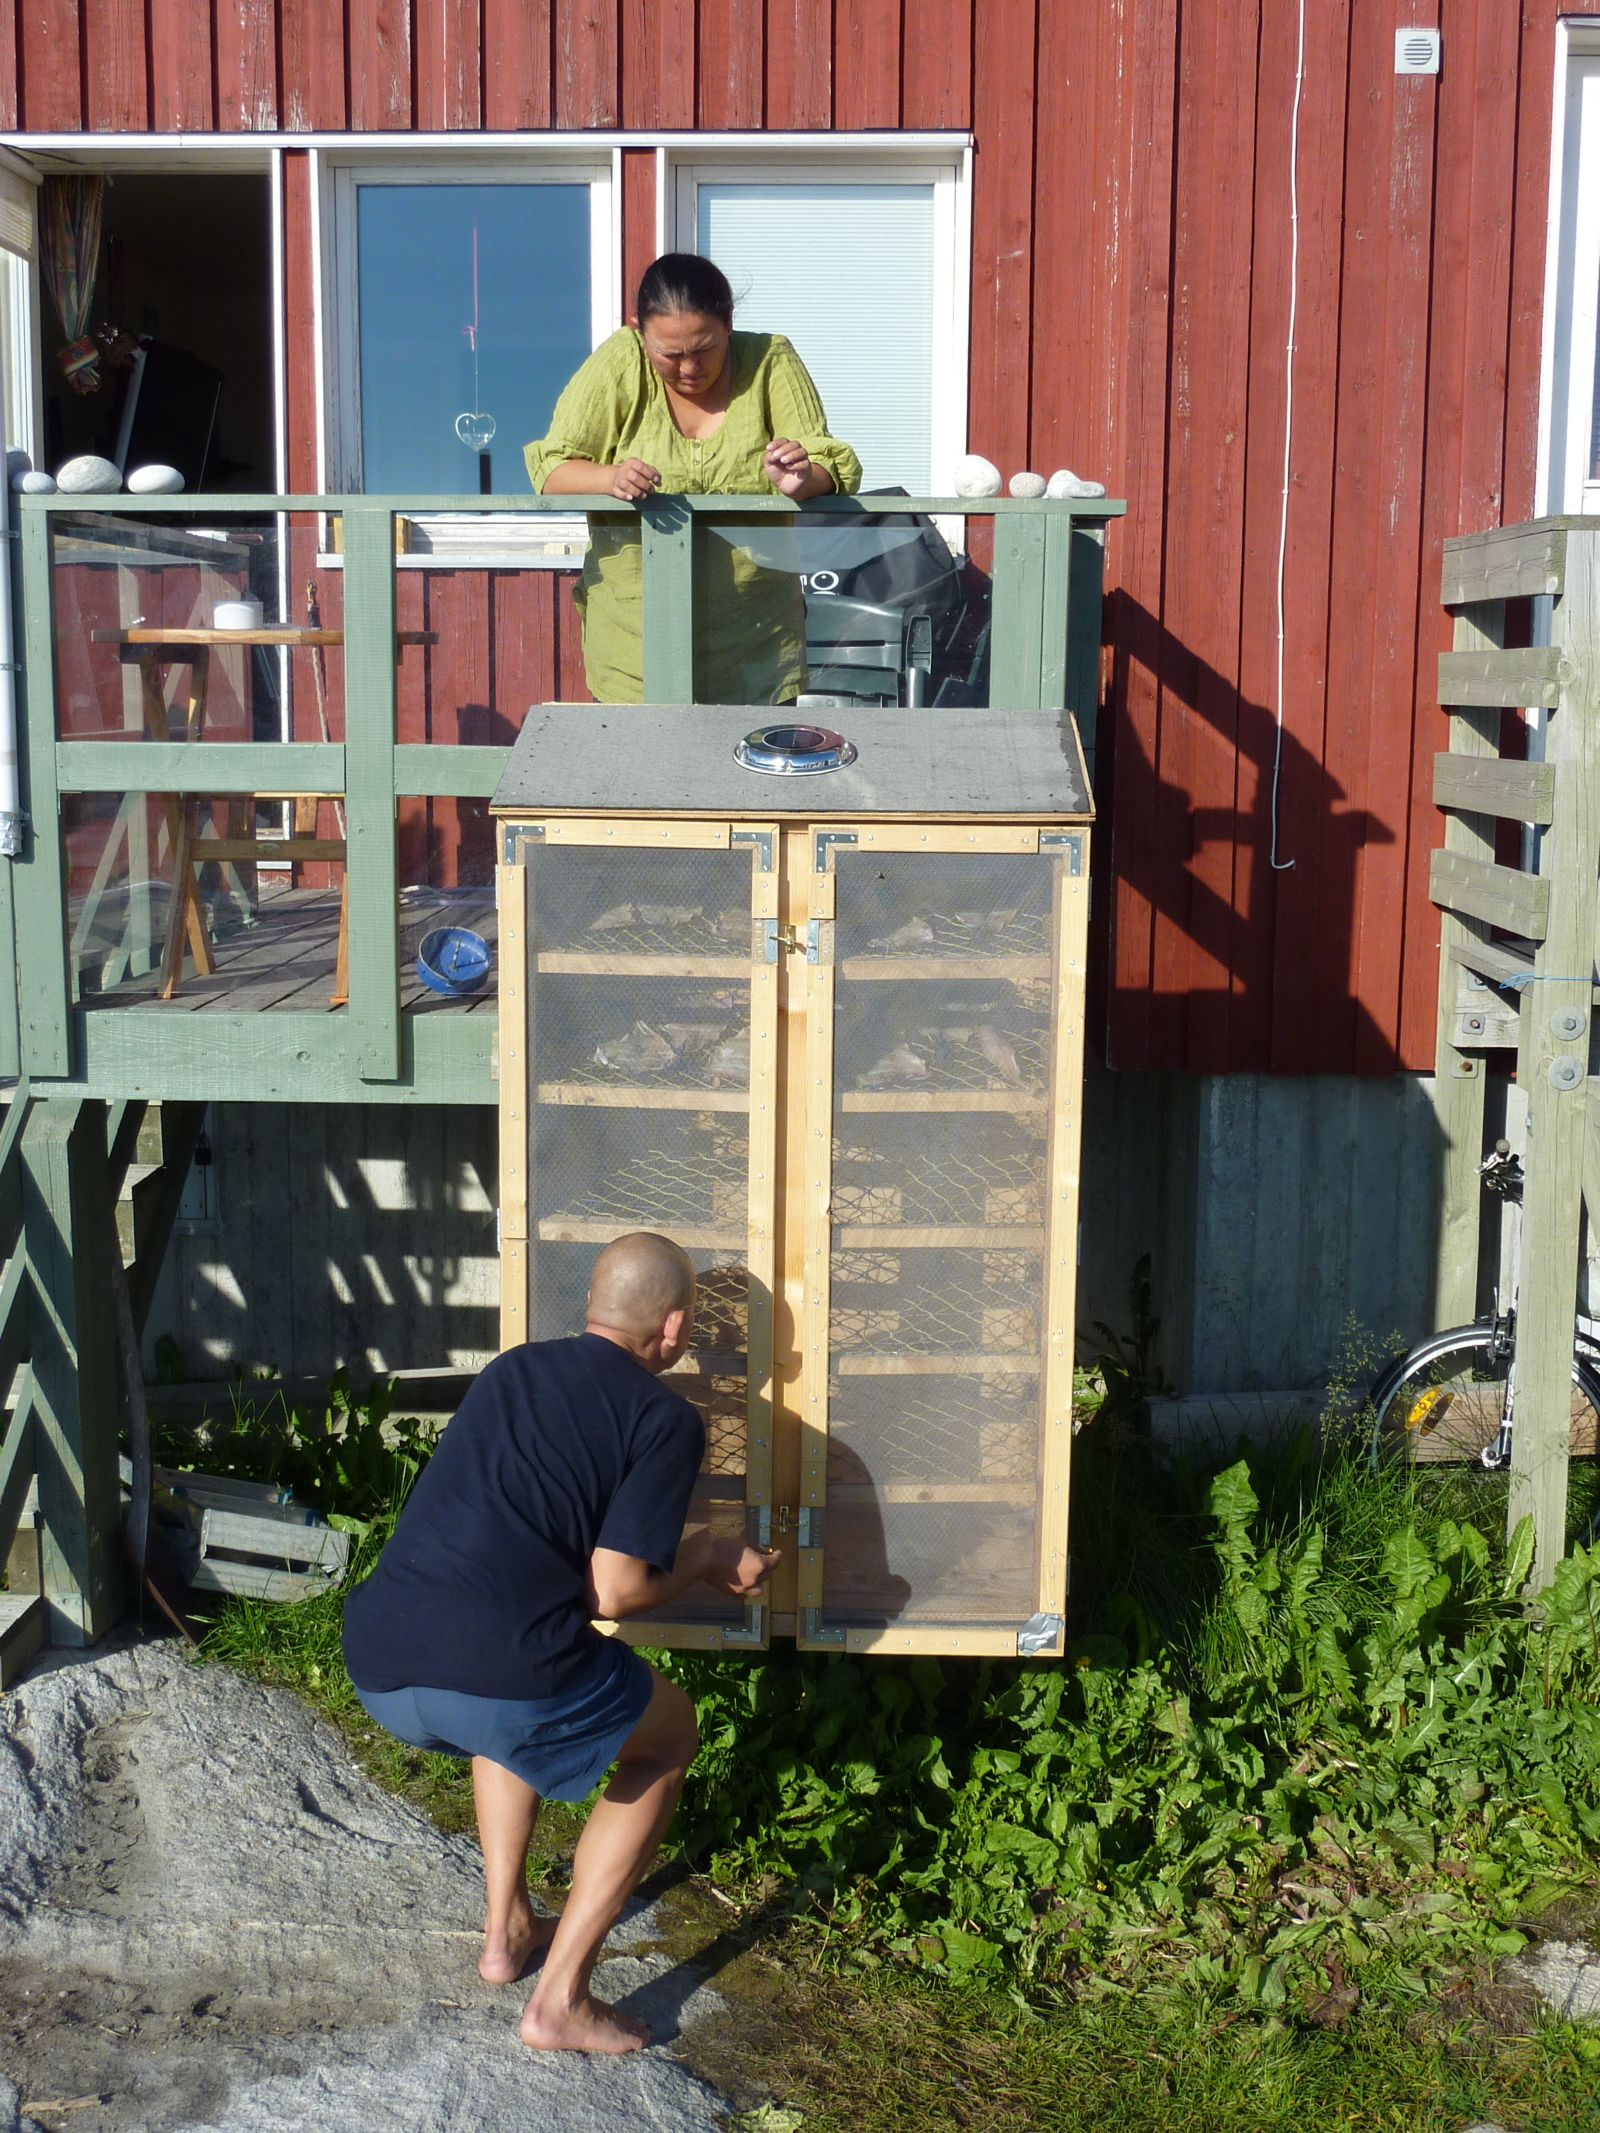 2010-08-16-1757_-_Maren Mikkelsen Lennert; Palle Hjort Sandgreen; Tørrekasse